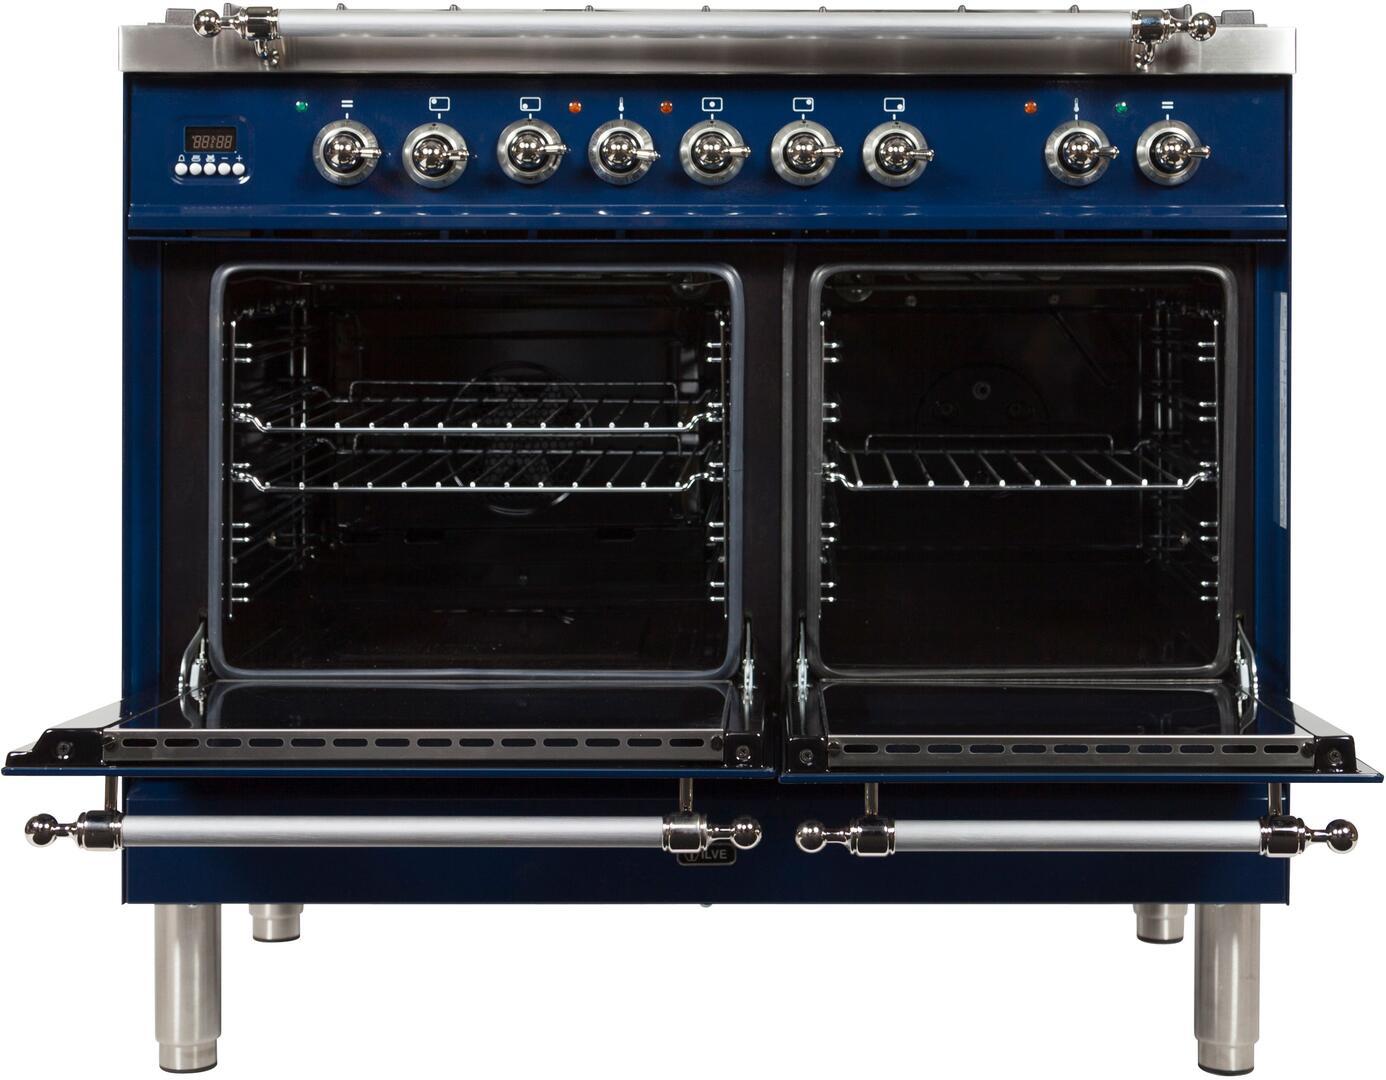 Ilve Nostalgie UPDN100FDMPBLXLP Freestanding Dual Fuel Range Blue, UPDN100FDMPBLXLP Oven Doors Opened